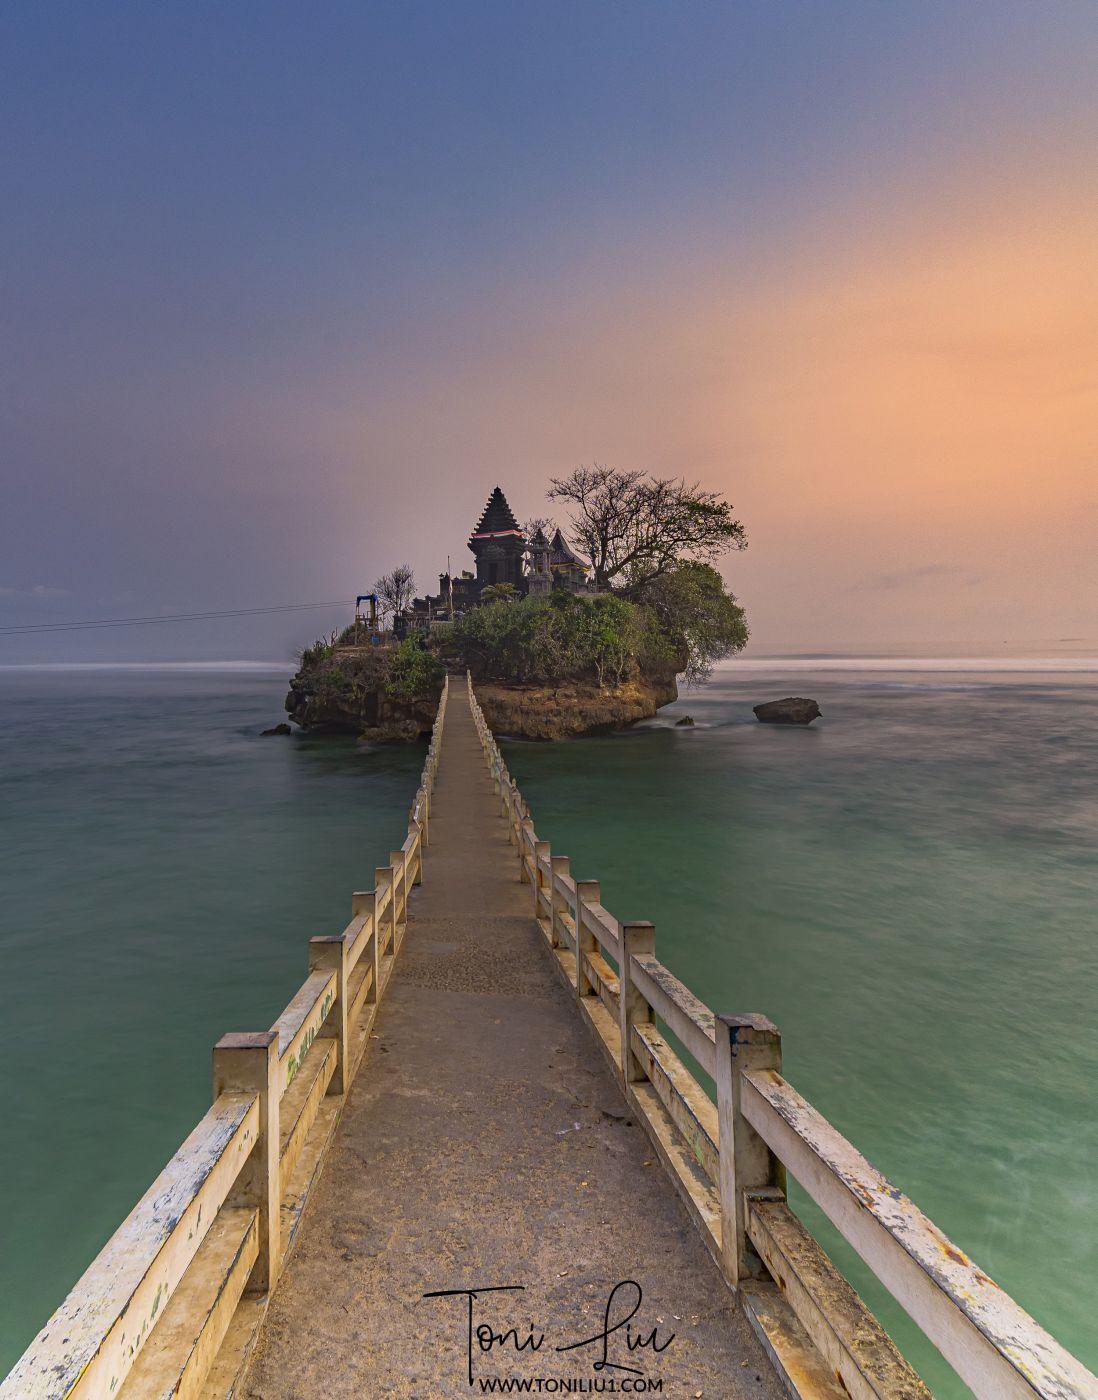 Pura Ismoyo (Balekambang Beach), Indonesia